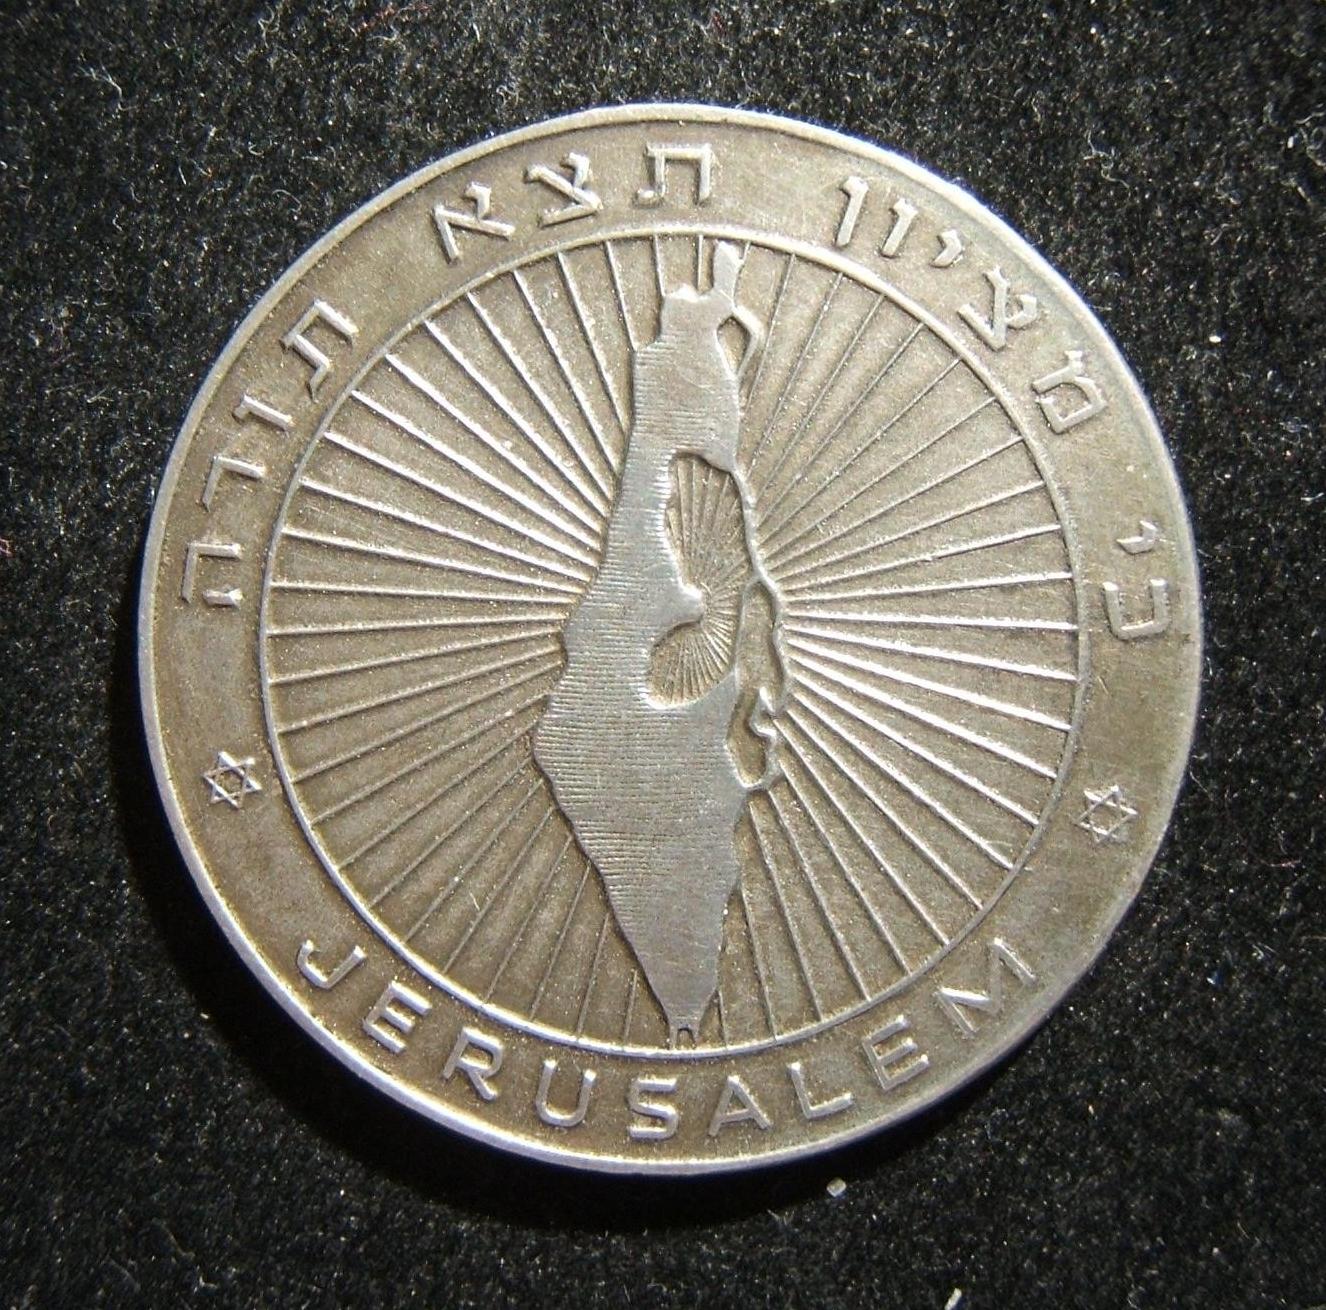 לוח שנה עברי עם חגים יהודיים במדליית יודאיקה, 1959-60